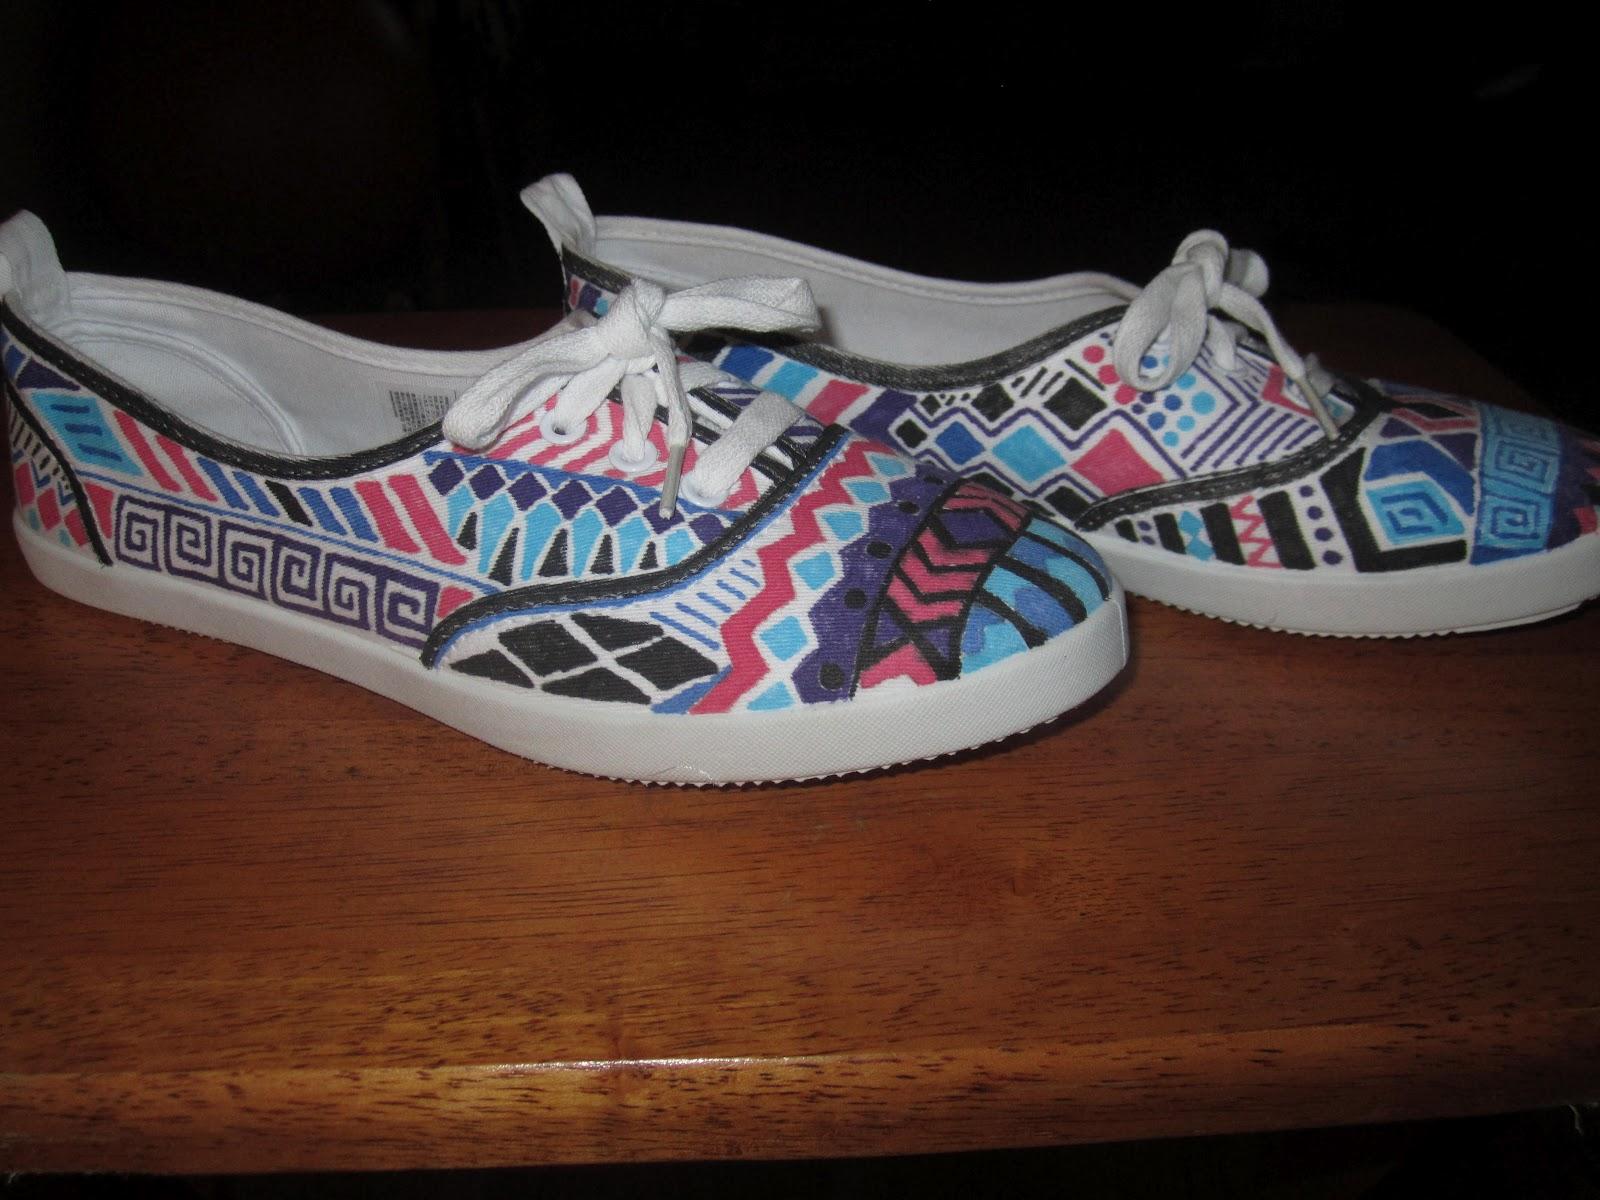 The polished designer diy tribal shoes for Diy shoes design